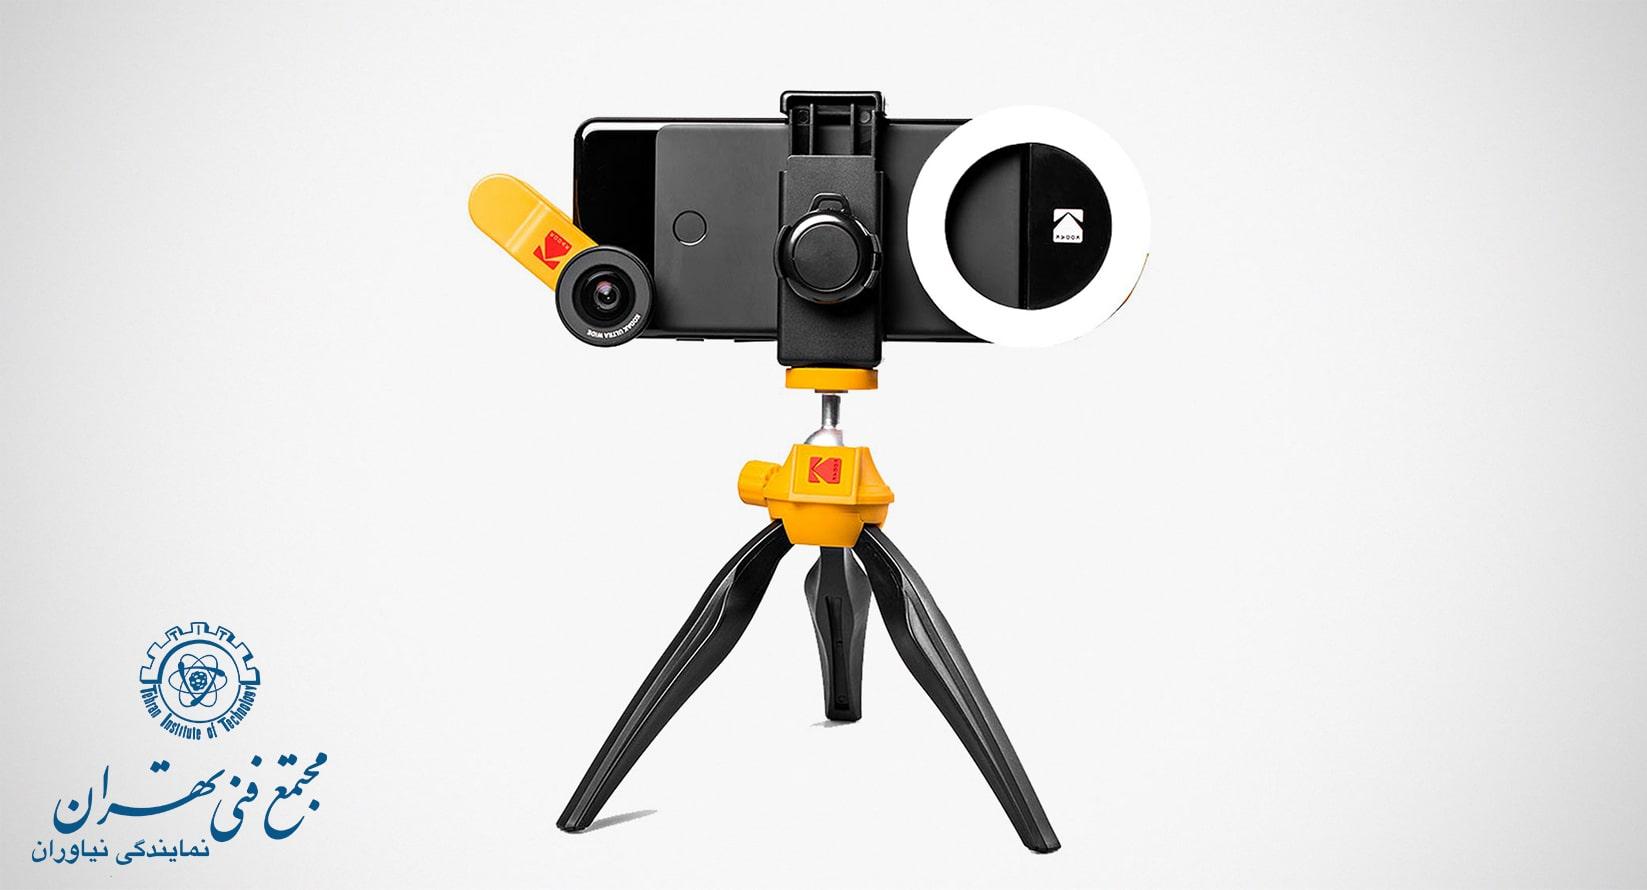 استفاده از سه پایه در عکاسی با موبایل